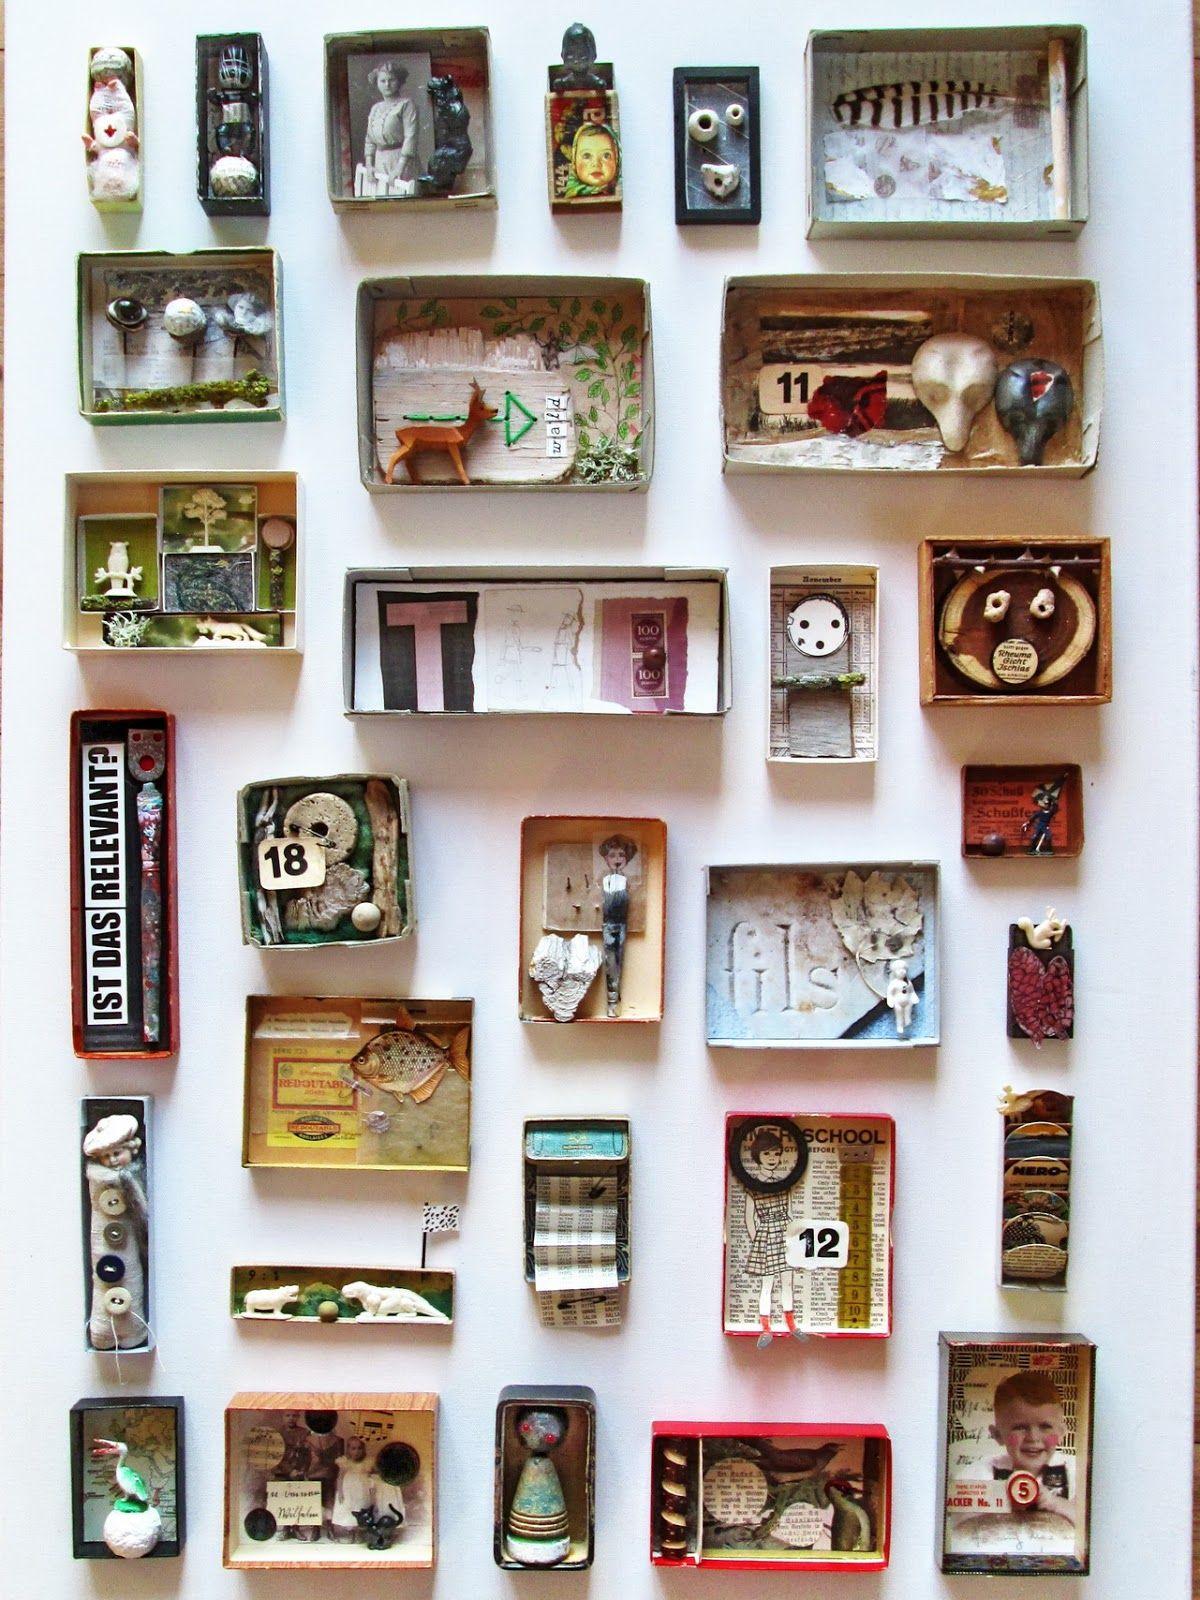 Mano' Welt Kunstschachteln 339 - 345 Art Boxes